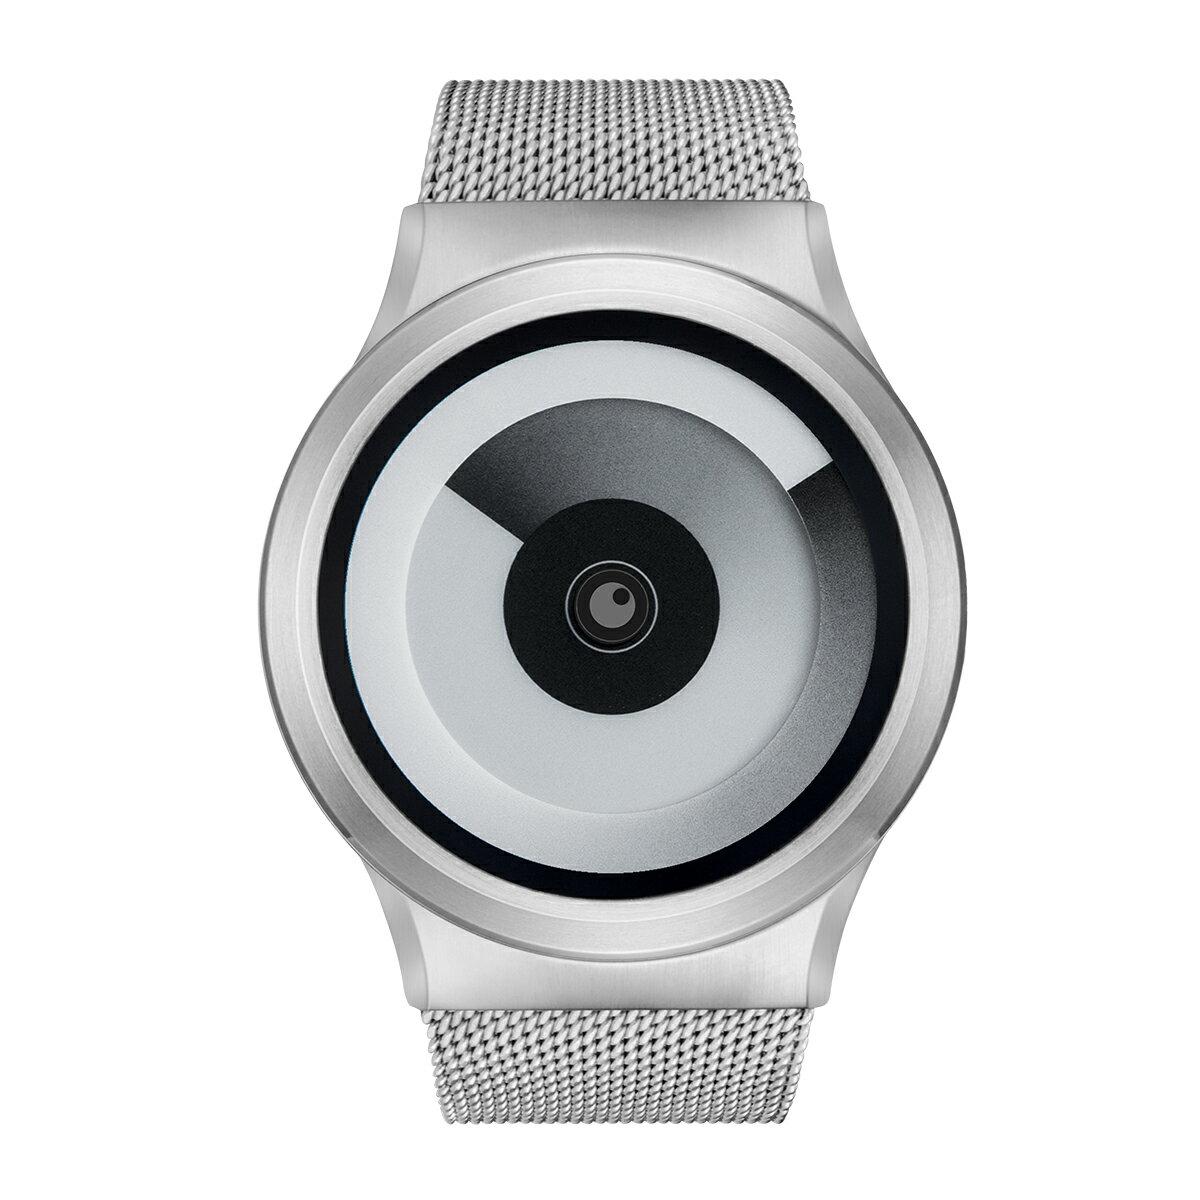 ZEROO SPIRAL GALAXY ゼロ 電池式クォーツ 腕時計 [W06016B01SM01] ホワイト デザインウォッチ ペア用 メンズ レディース ユニセックス おしゃれ時計 デザイナーズ